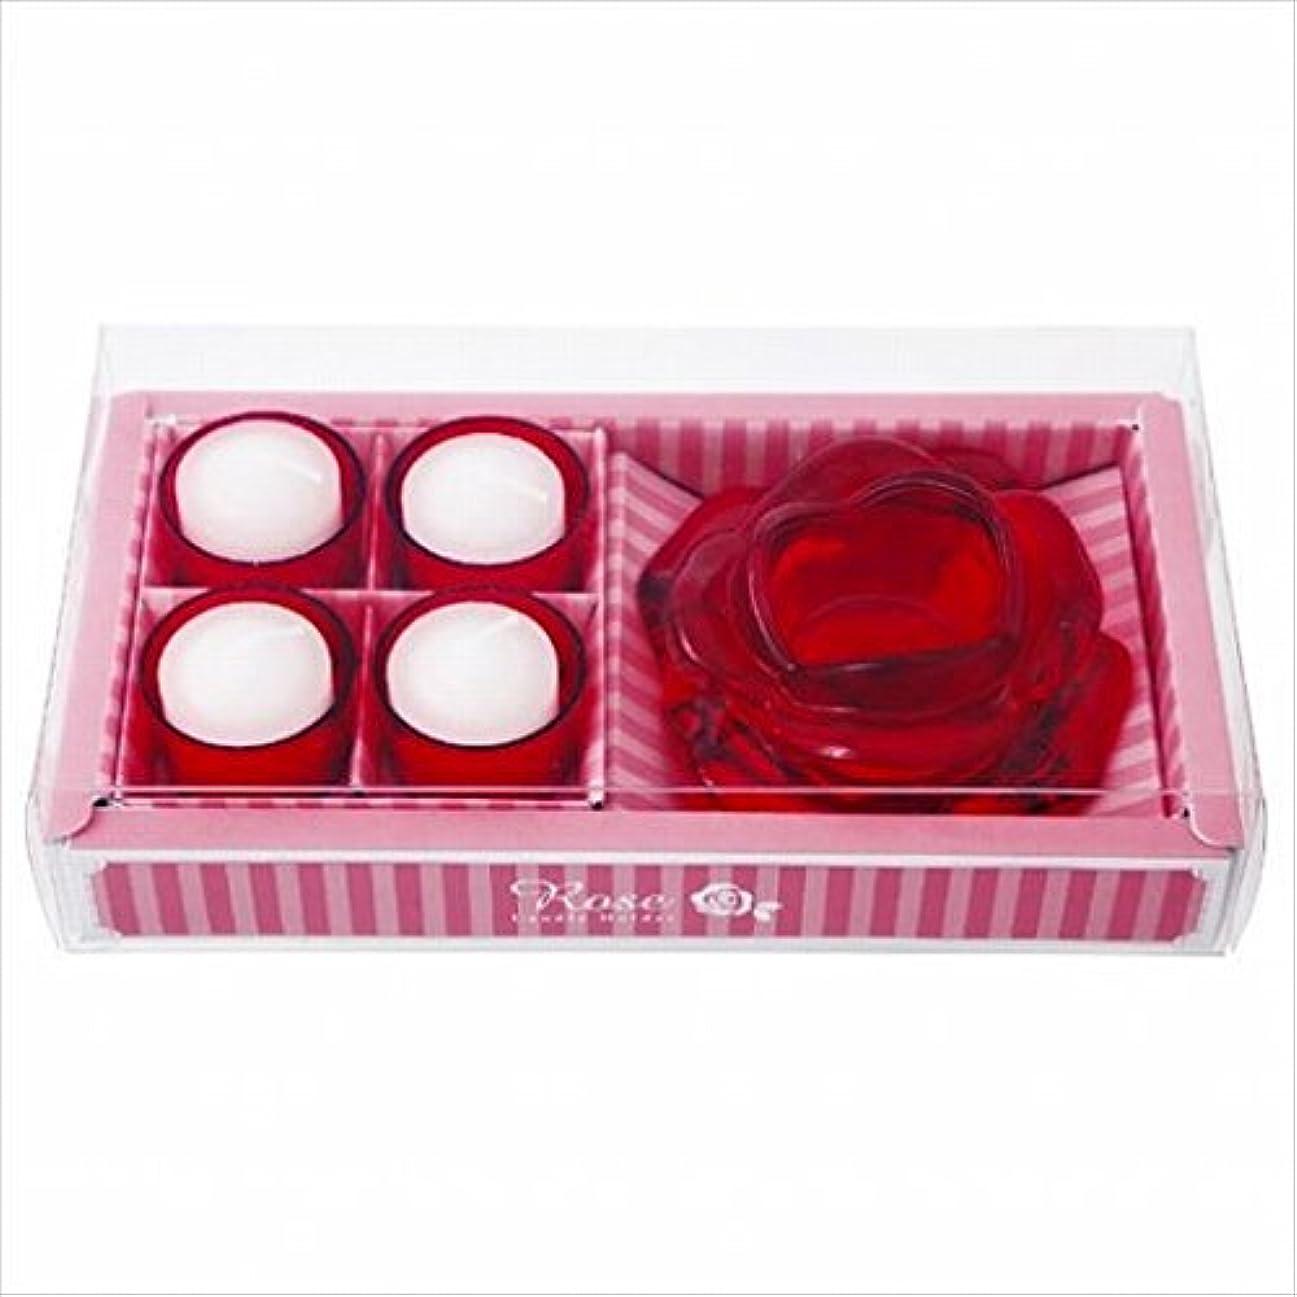 参照するオフェンスお風呂を持っているカメヤマキャンドル(kameyama candle) ローズキャンドルホルダーギフト 「 レッド 」 ギフトセット